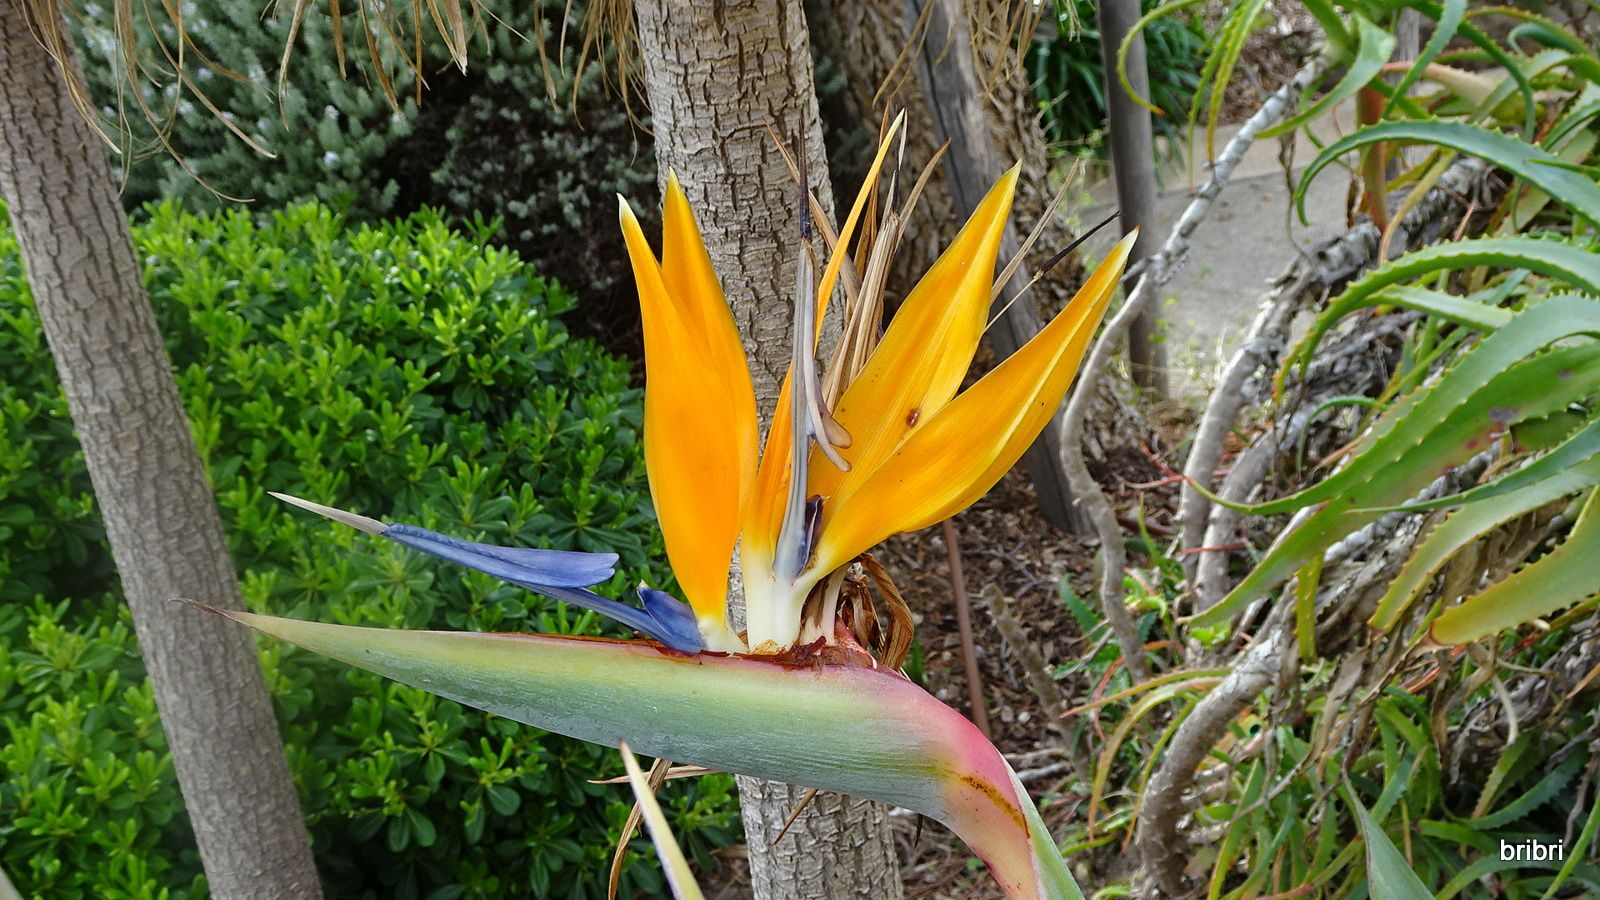 Visite de Bormes le lundi. Je vous laisse découvrir la ville et toutes ses fleurs. Le mimosa était passé, dommage.